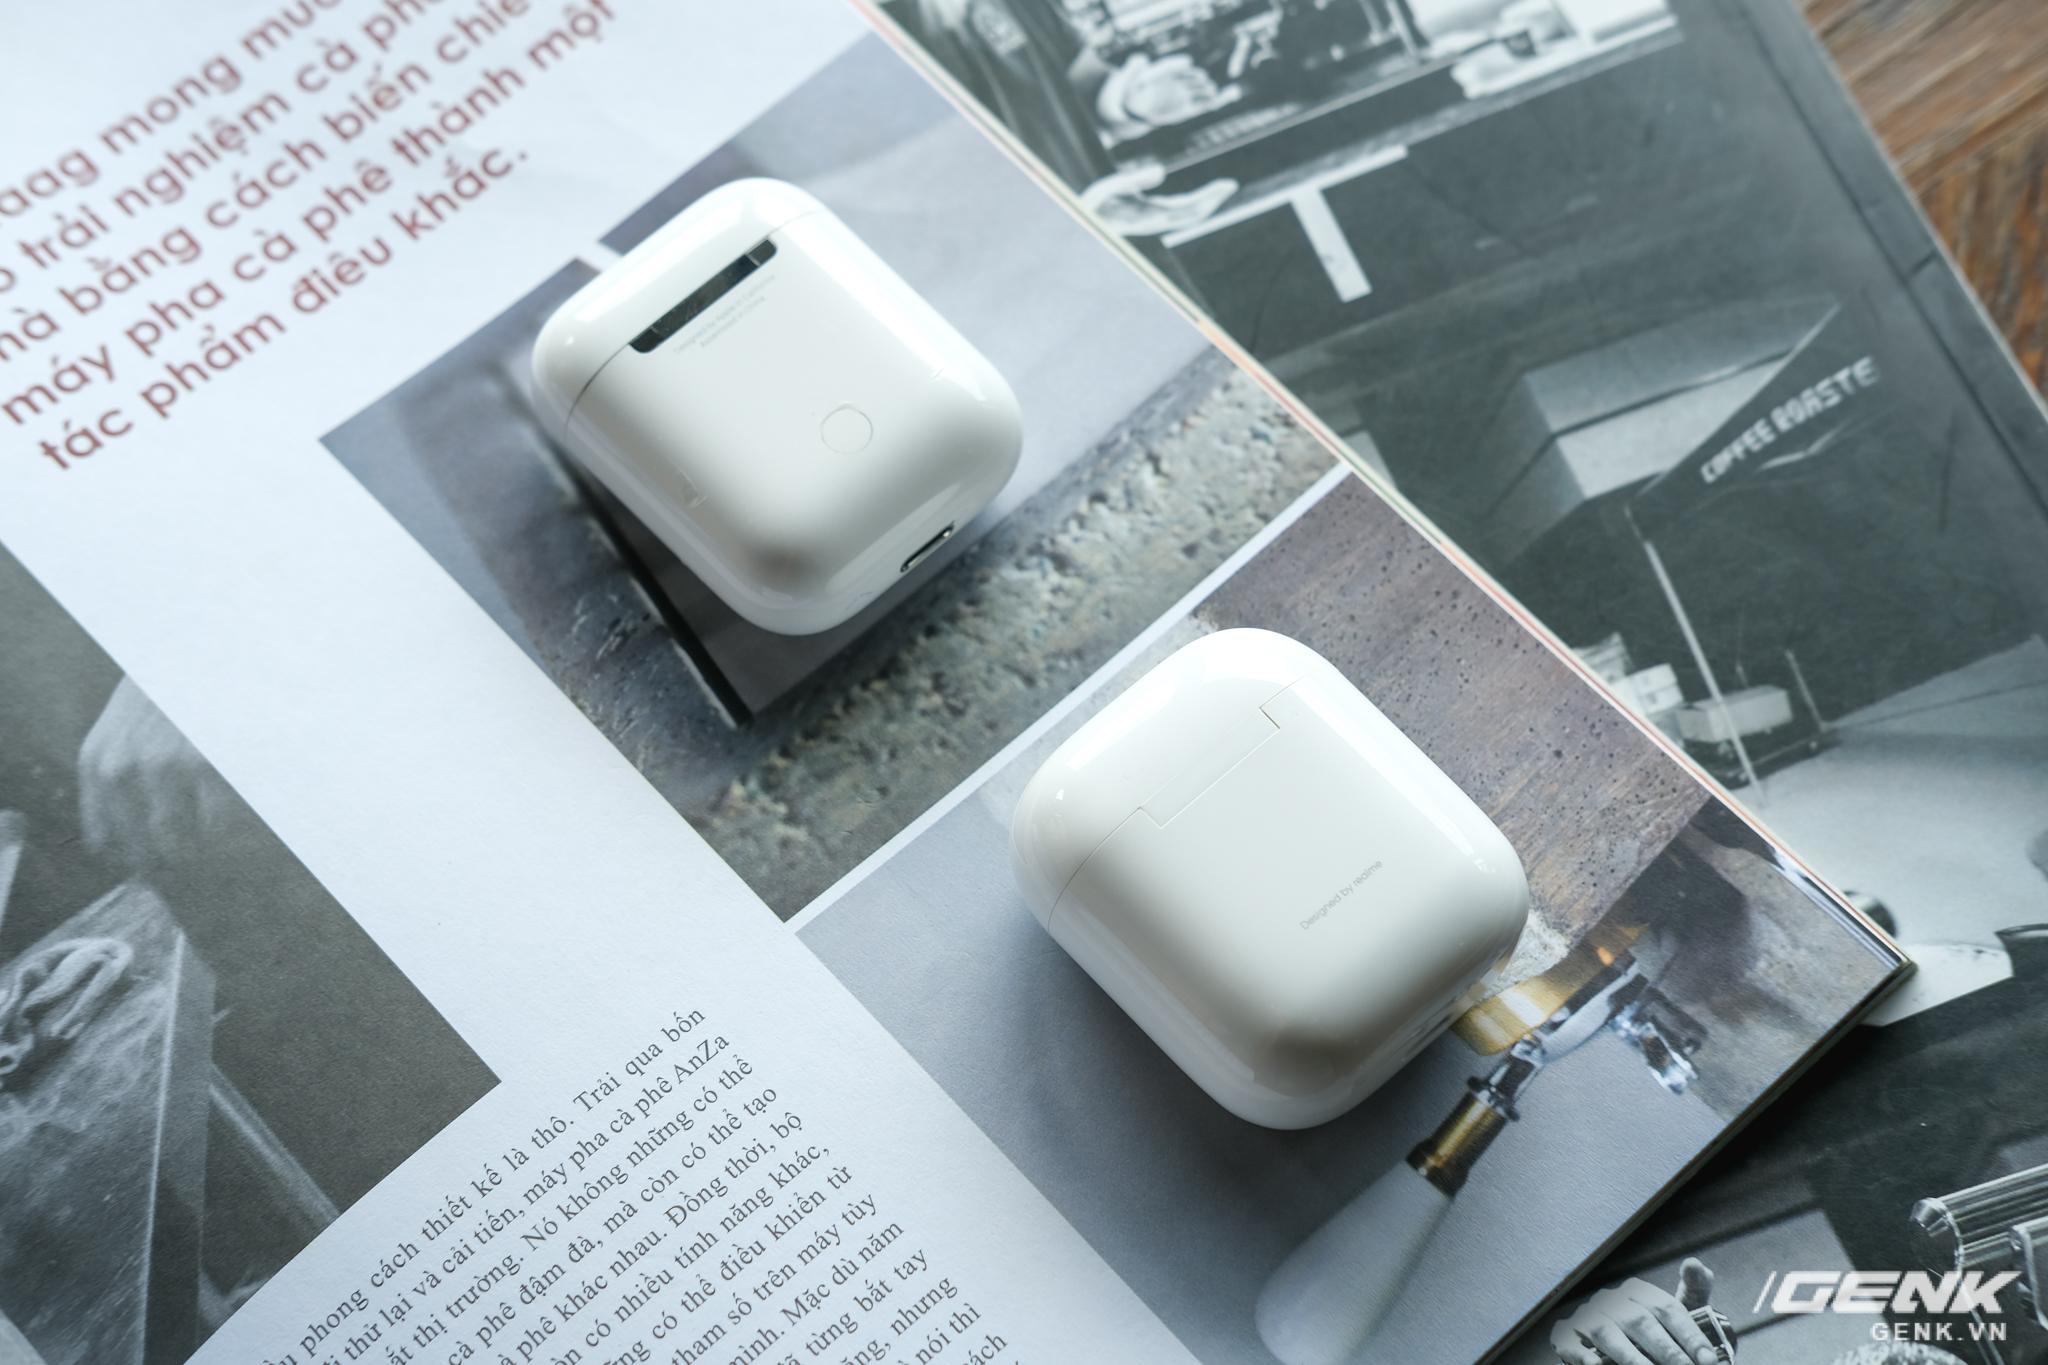 Trên tay tai nghe không dây Realme Buds Air Neo: Thoạt nhìn tưởng AirPods, có điều giá chưa đến 2 triệu đồng - Ảnh 7.